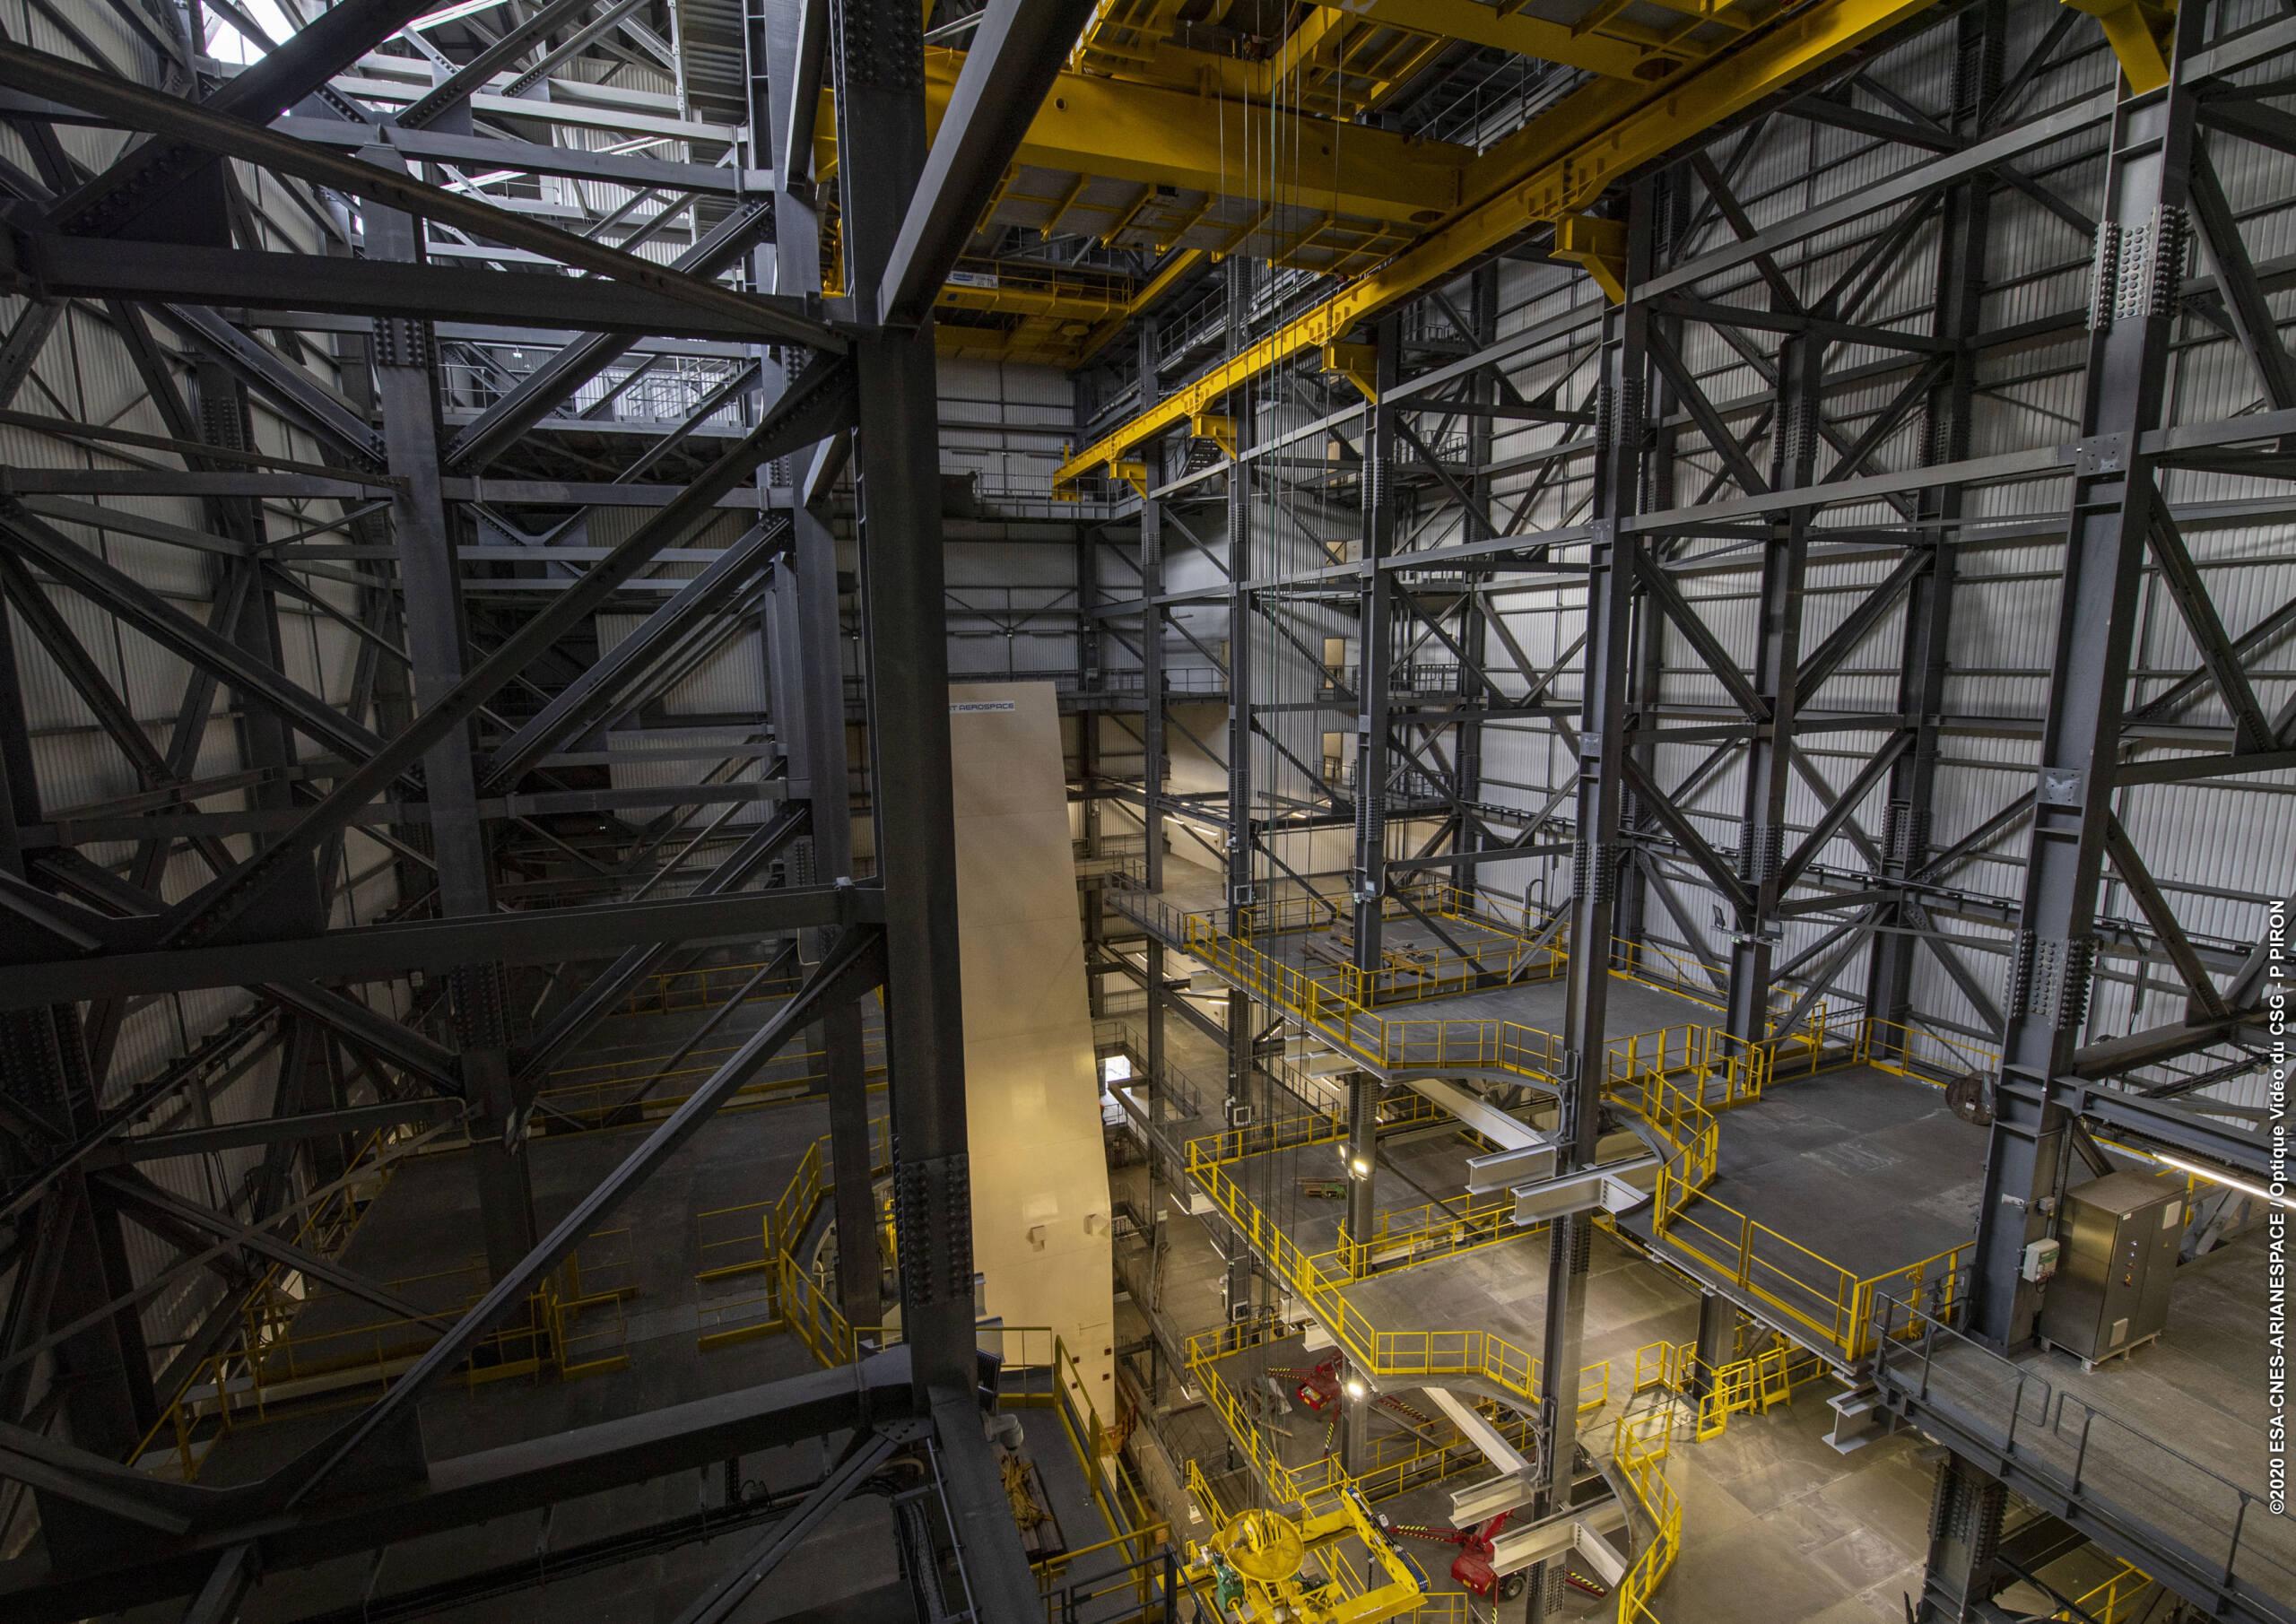 ELA-4 d'Ariane 6 - Suivi de la construction - Page 6 3213